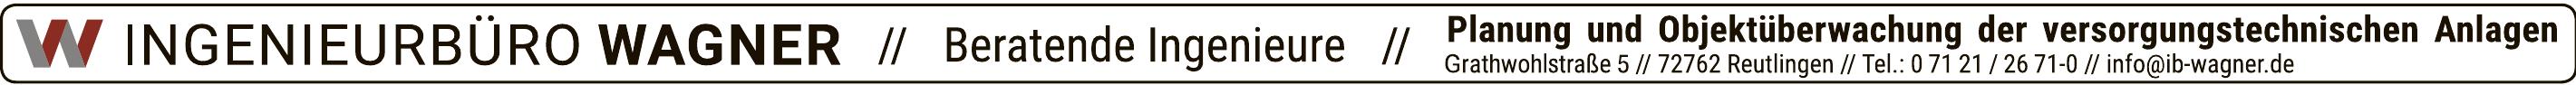 Ingenieurbüro Wagner